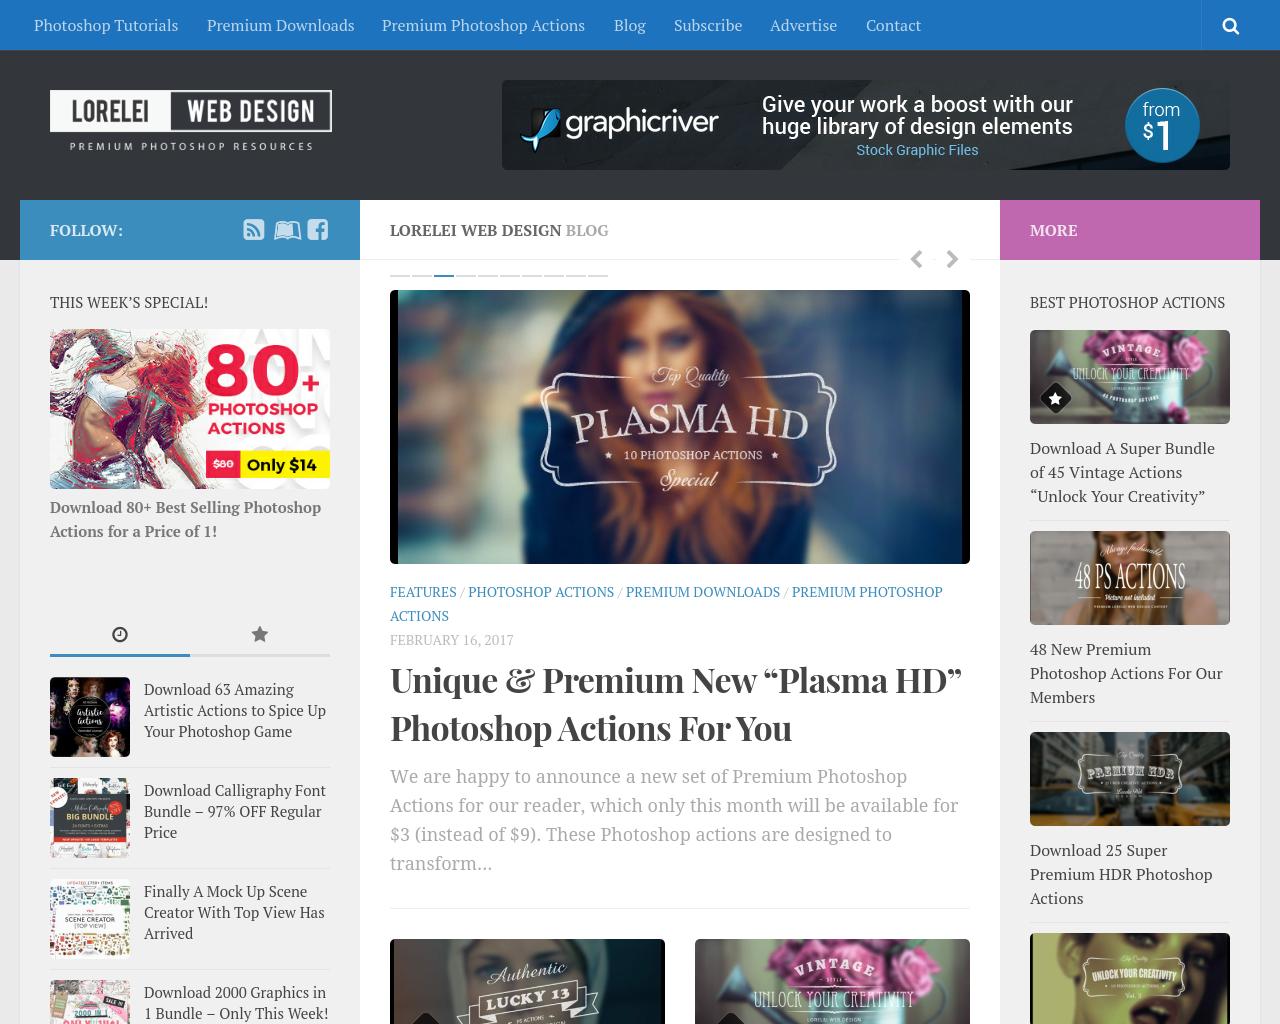 Loreleiwebdesign-Advertising-Reviews-Pricing